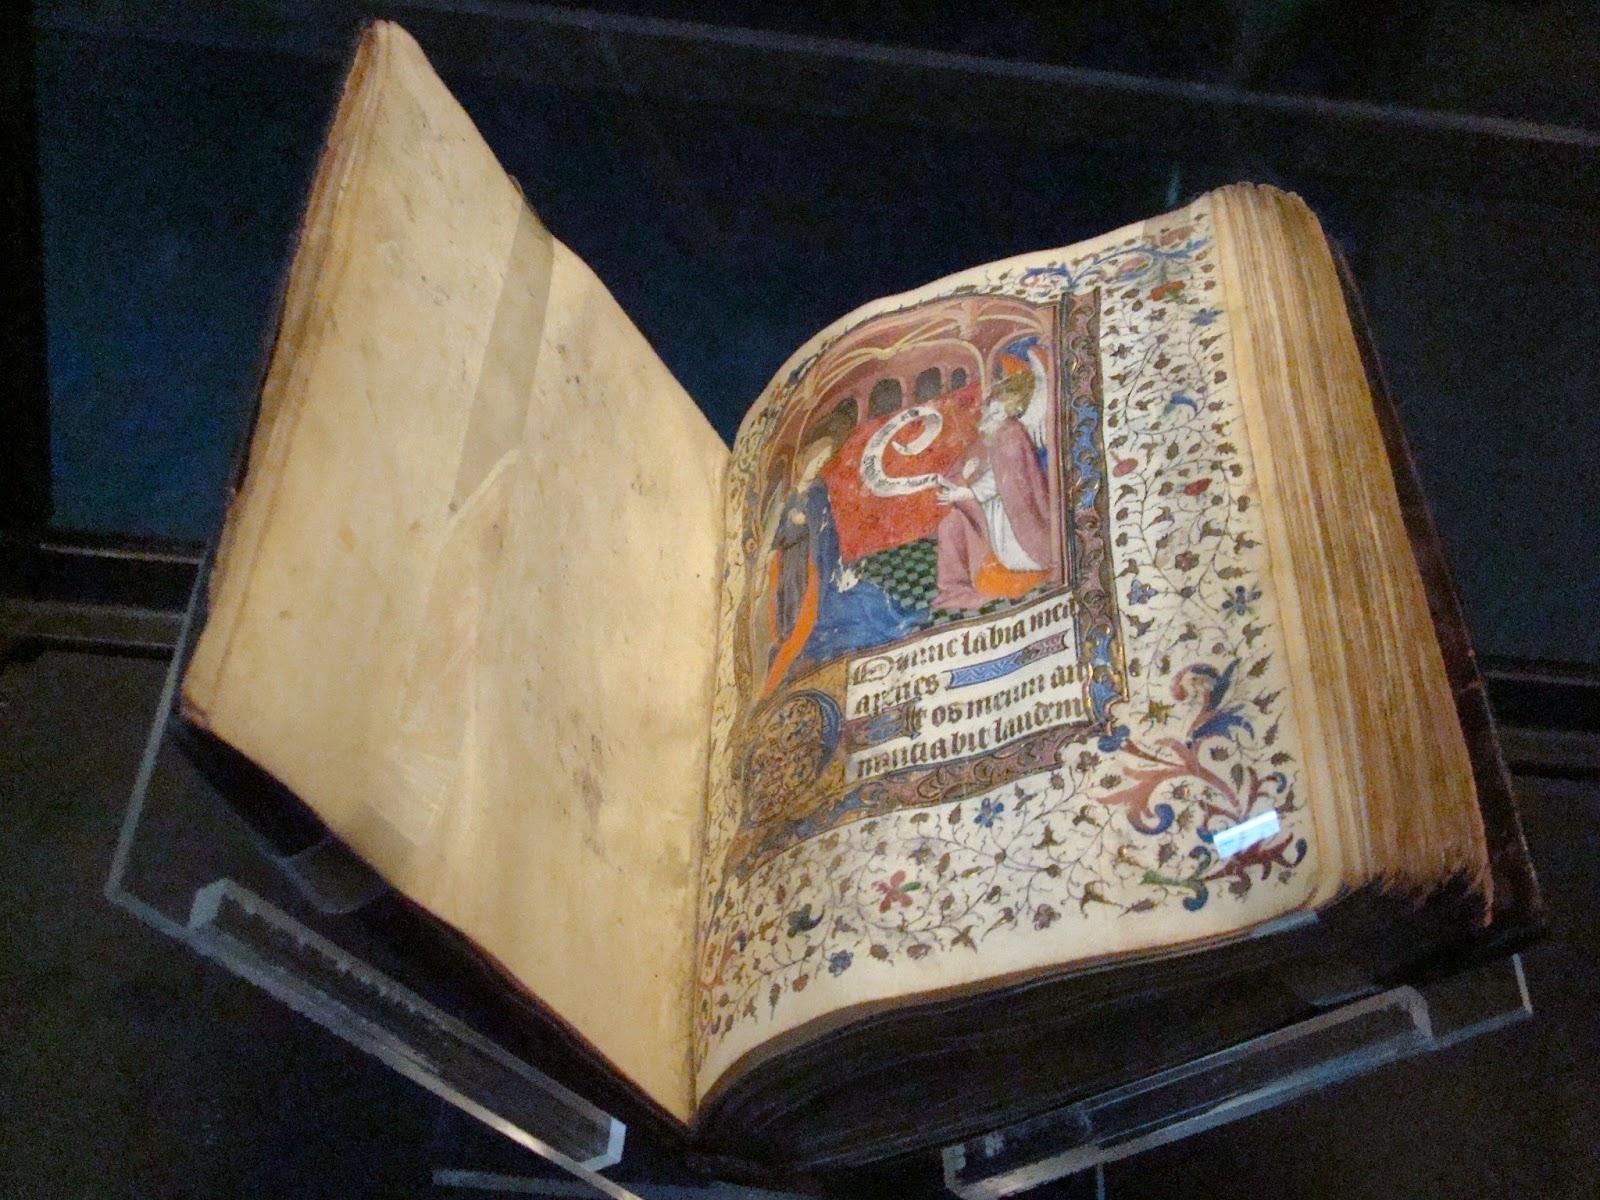 Jornadas de Patrimonio, Museo de Cluny y Termas, París, Saint Germain, Elisa N, Blog de Viajes, Lifestyle, Travel